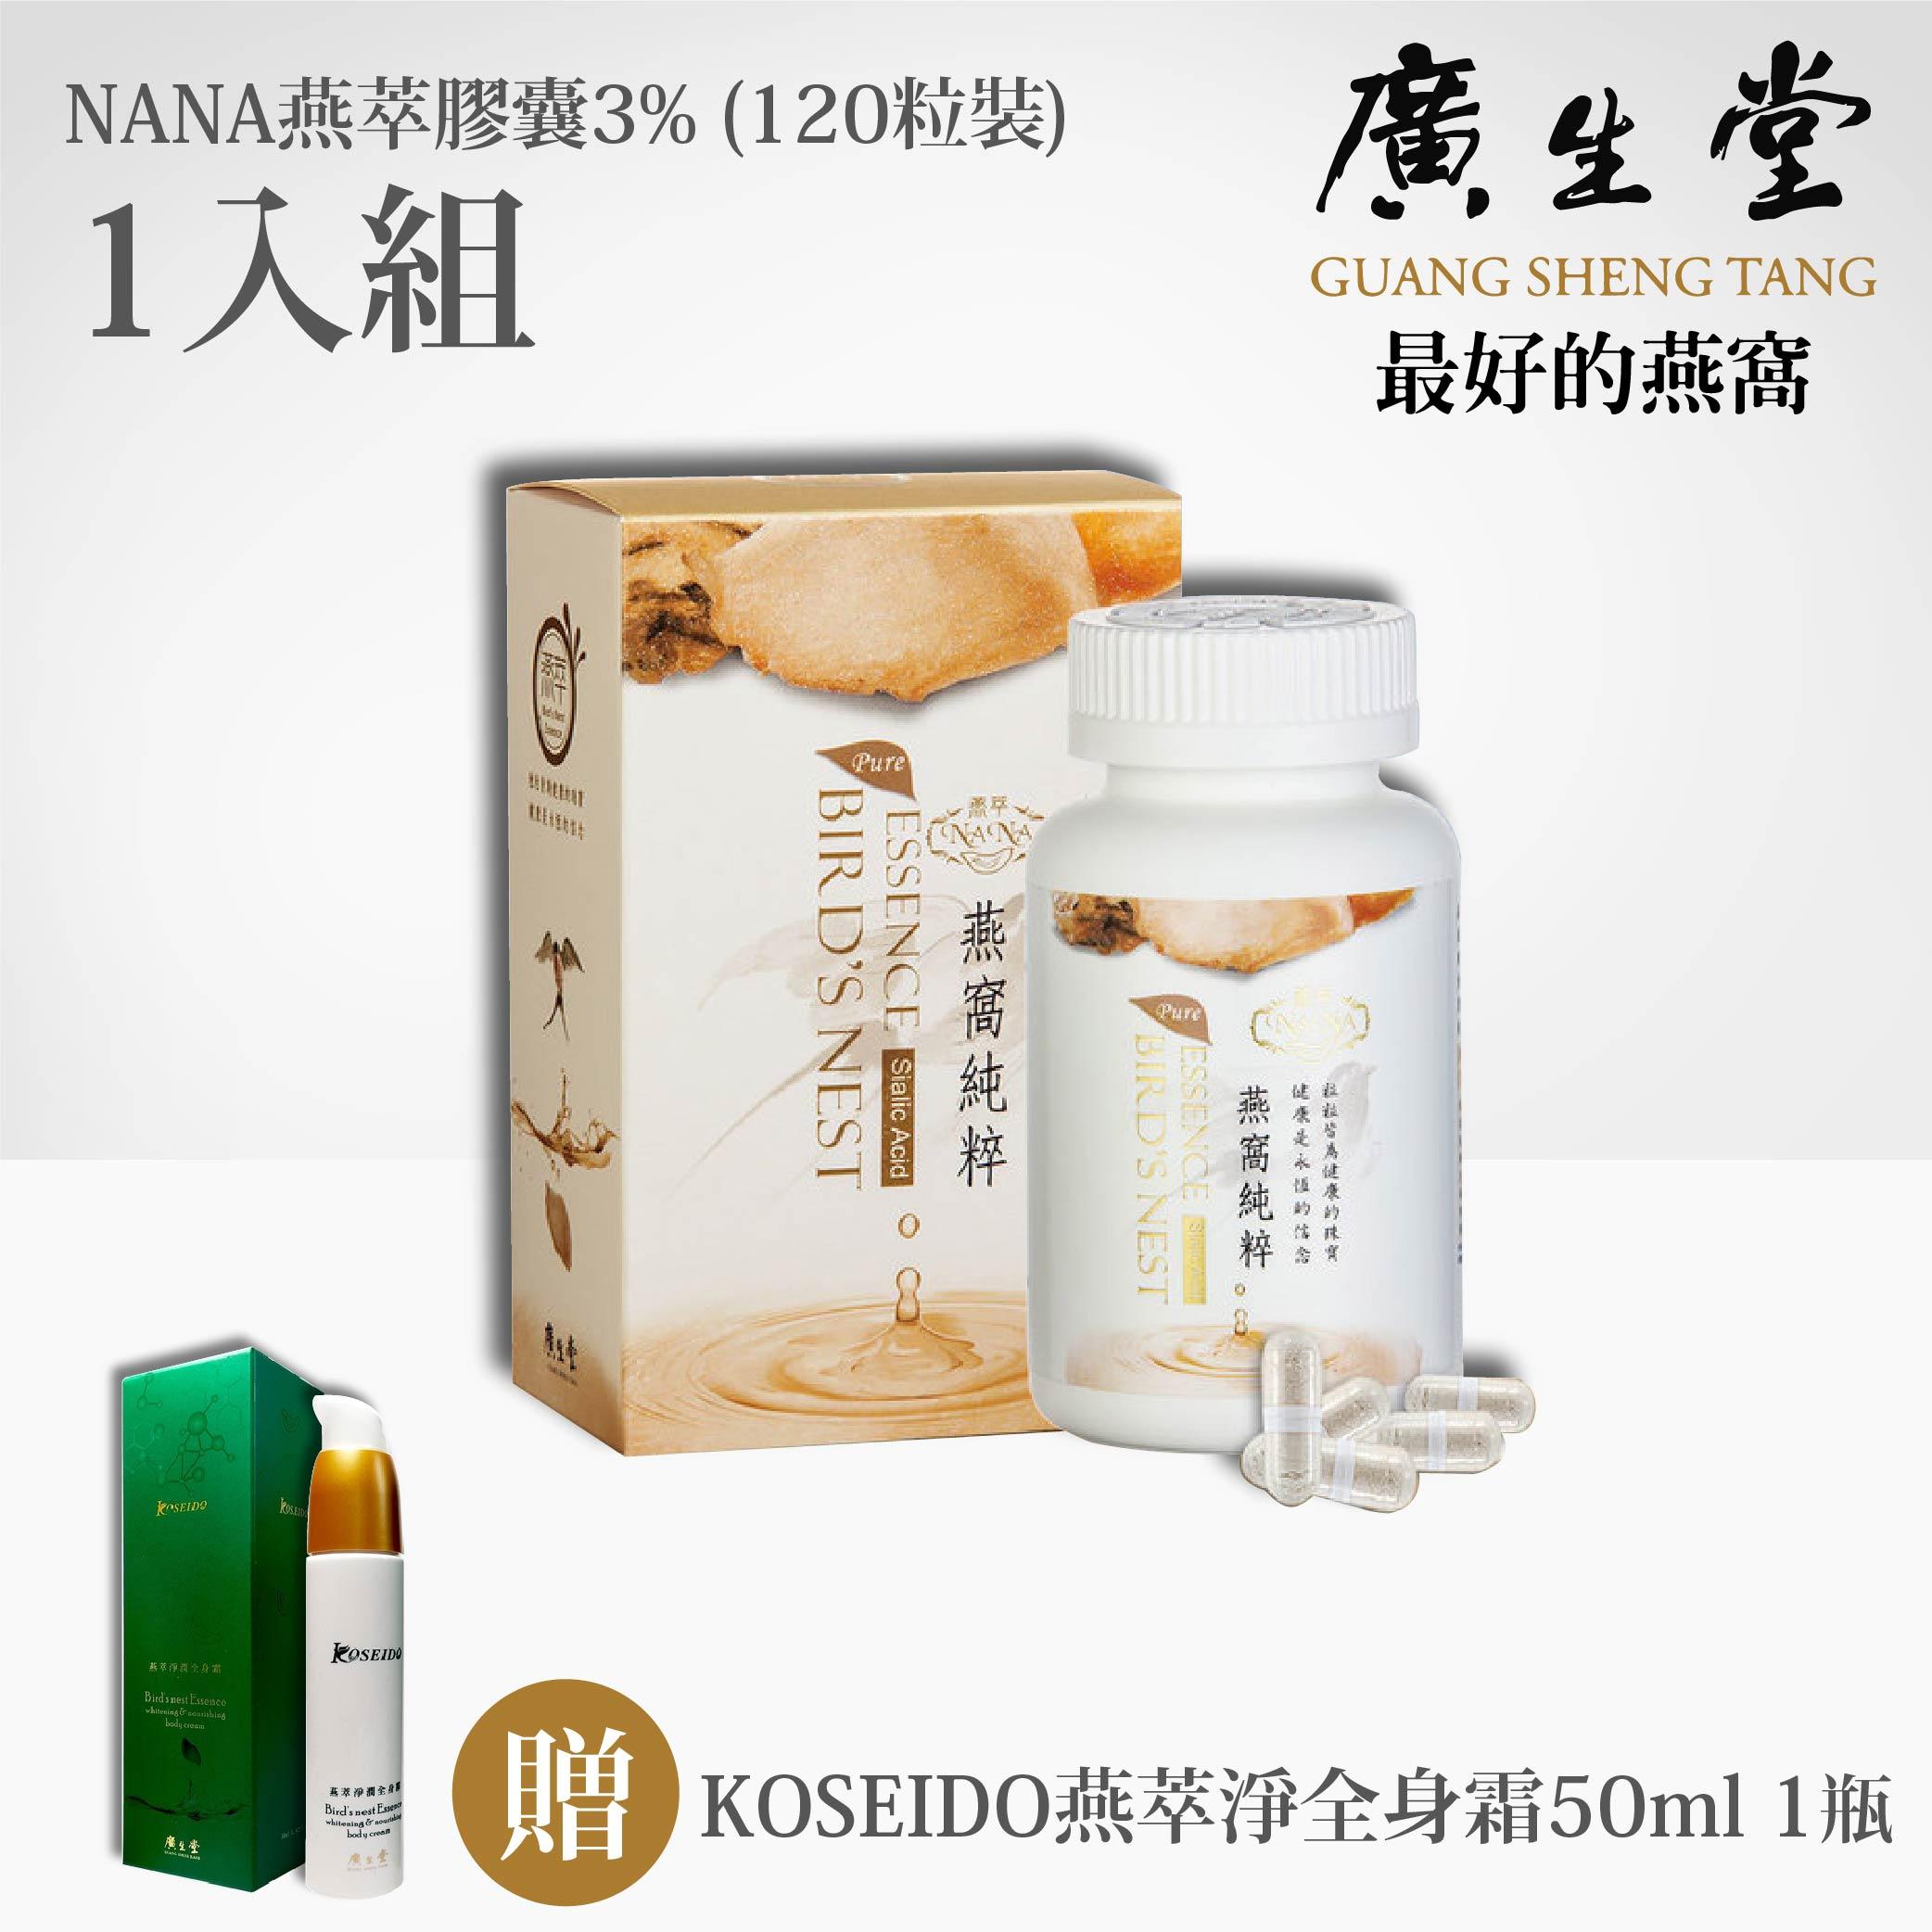 【廣生堂】 NANA燕萃膠囊3%(120粒) 贈燕萃淨全身霜50ml